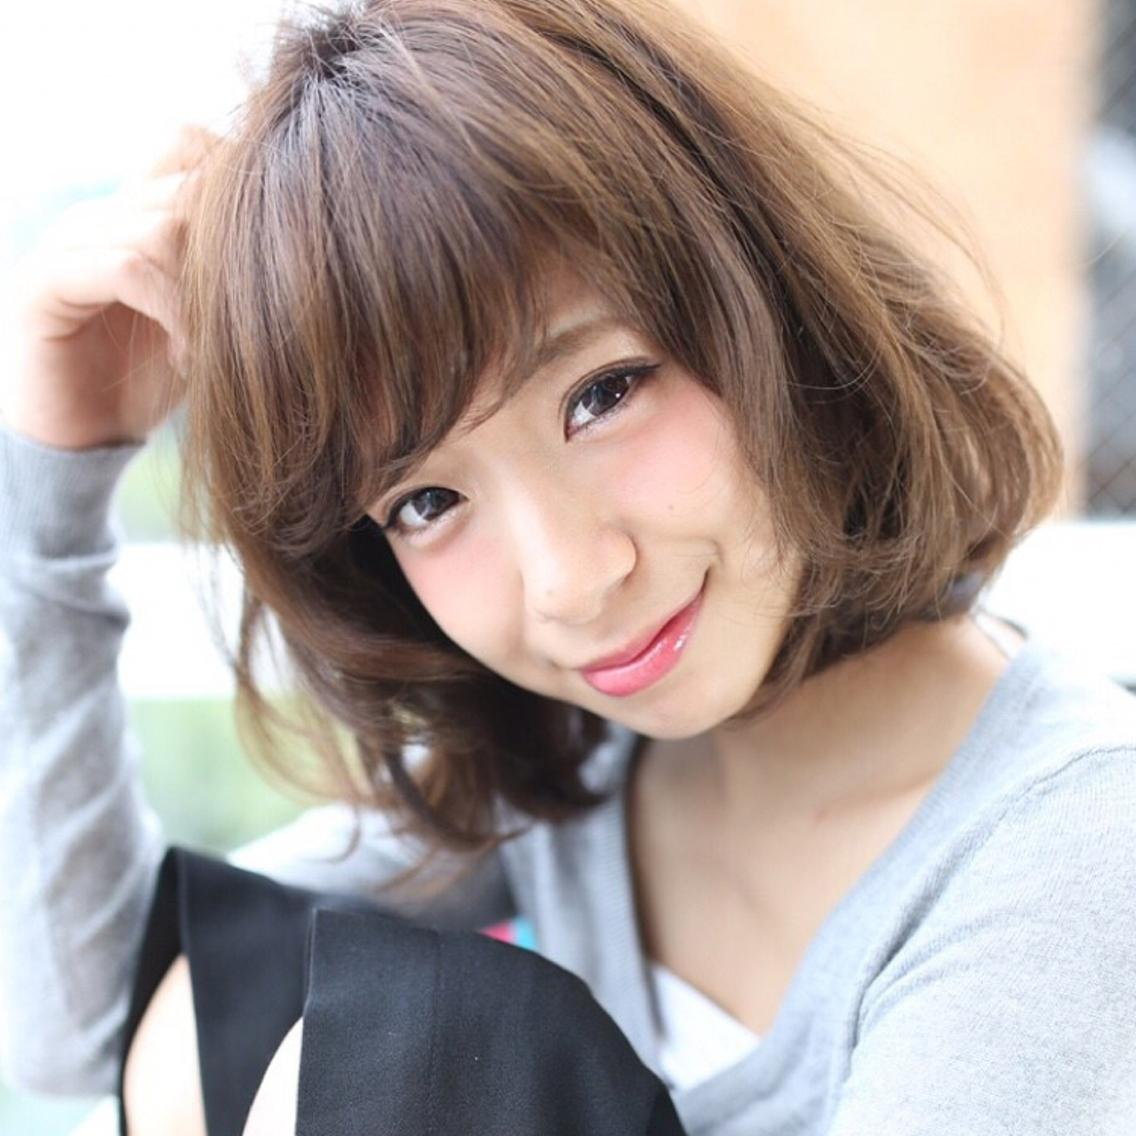 agu    hair   rosso所属・agu hair rosso福島店の掲載